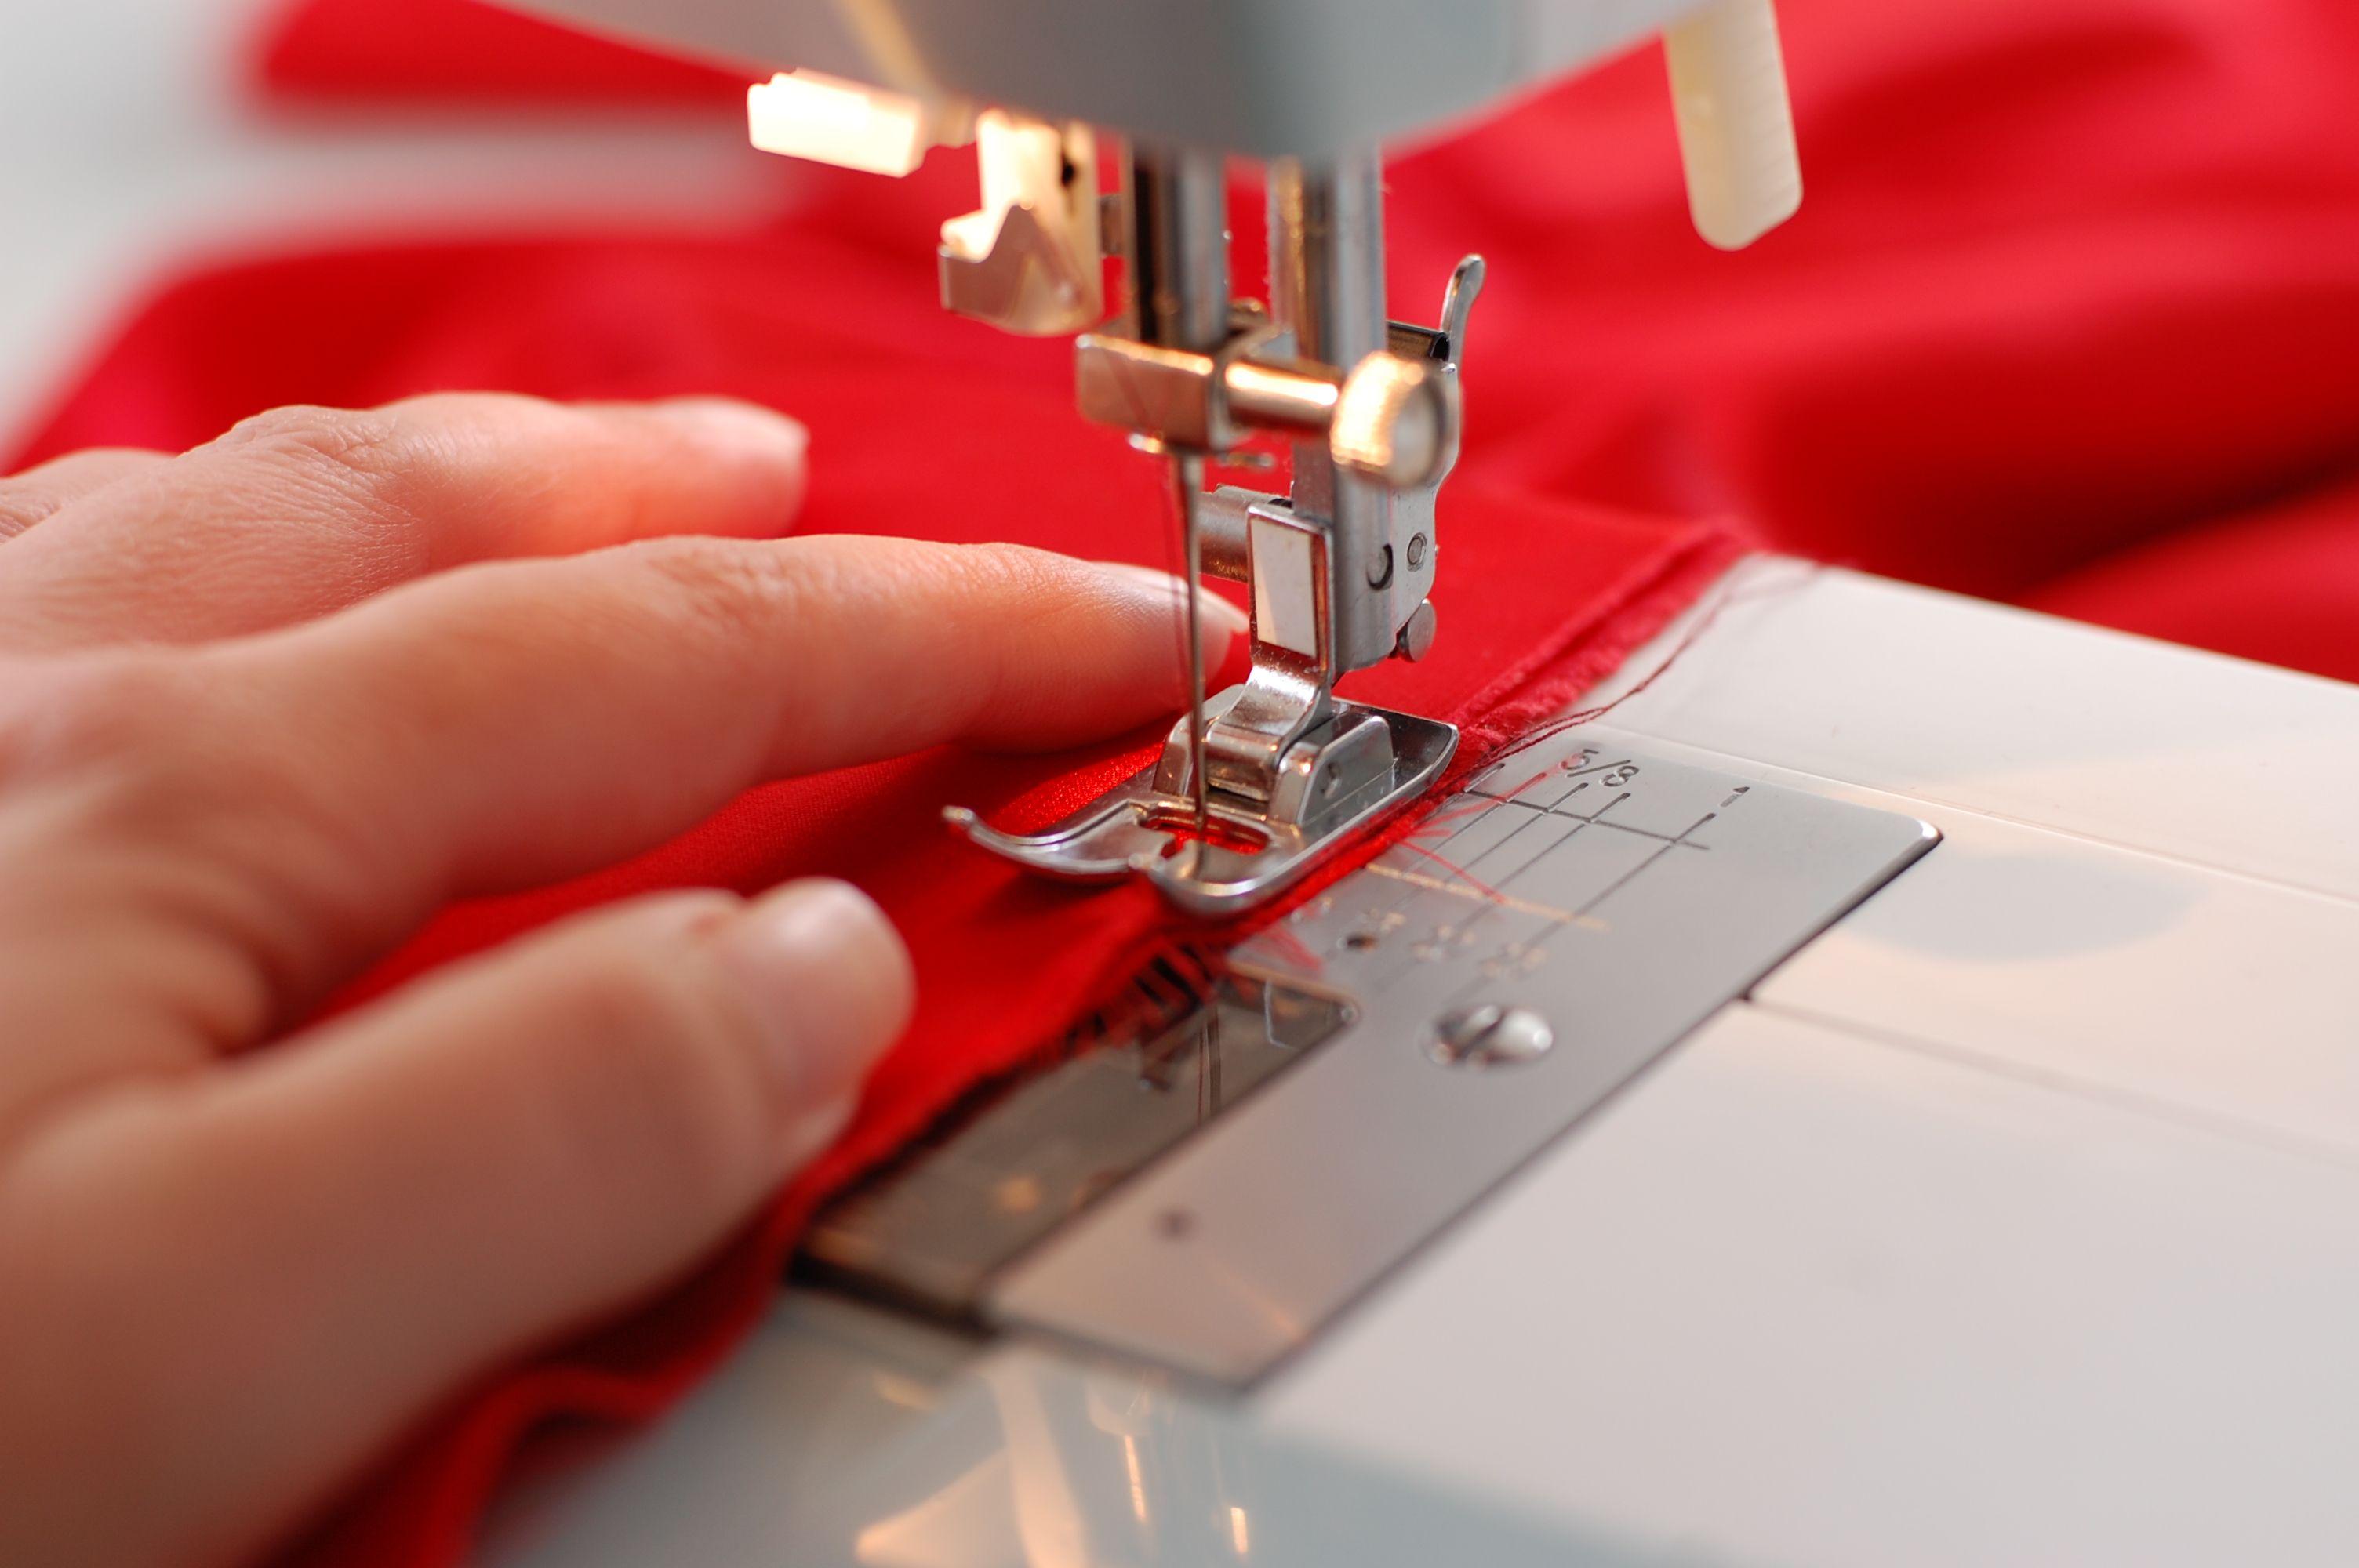 Venta y reparación de máquinas de coser en Maresme